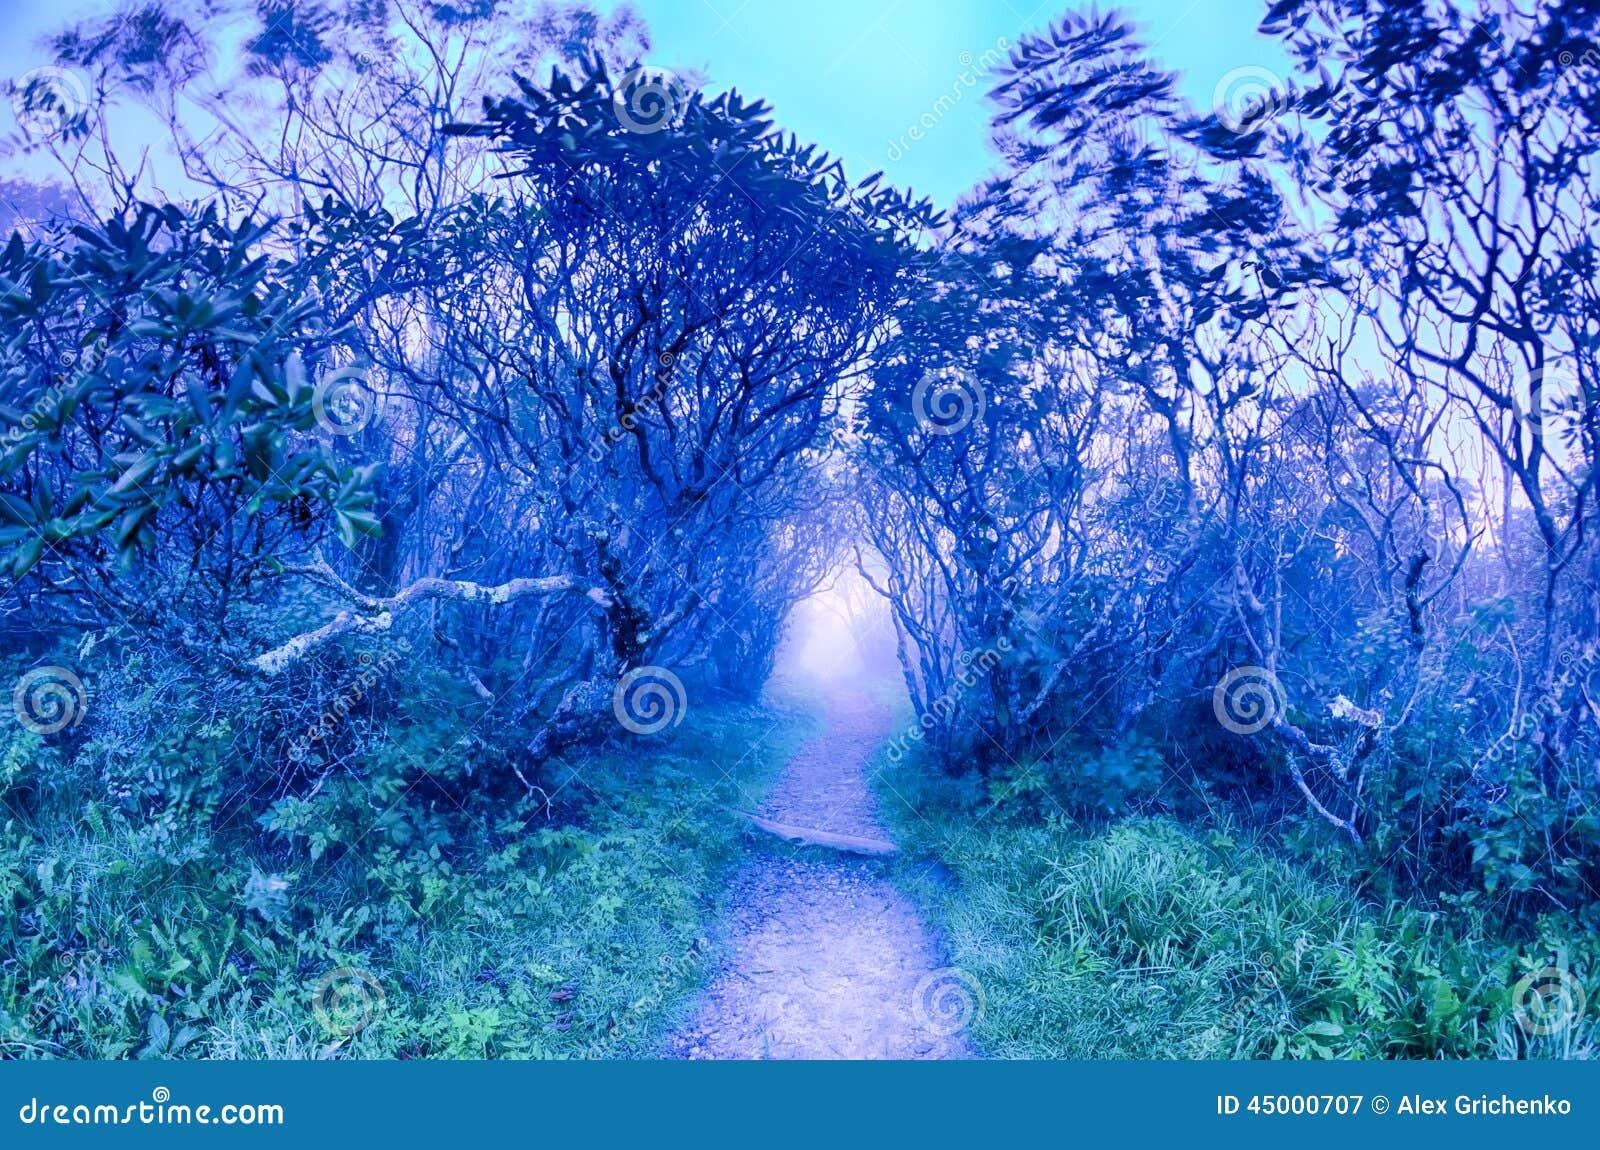 Craggy Gardens Carolina Blue Ridge Parkway Autumn NC Sceni